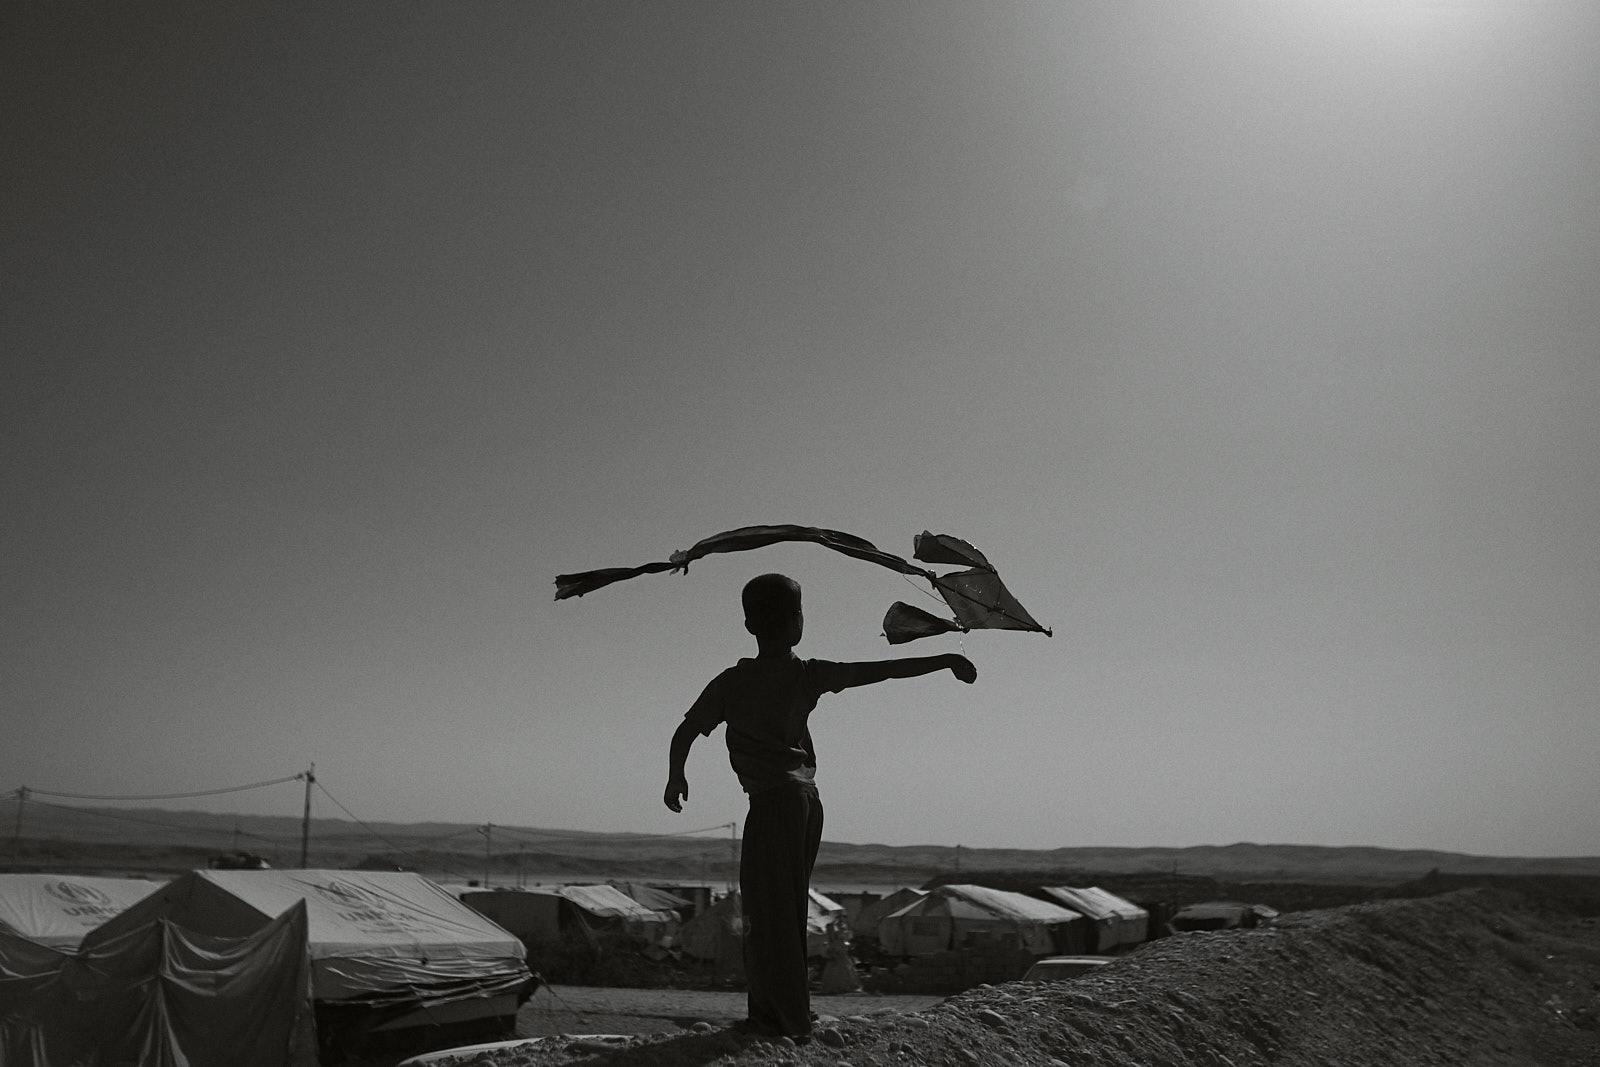 Spielendes Kind mit Drachen